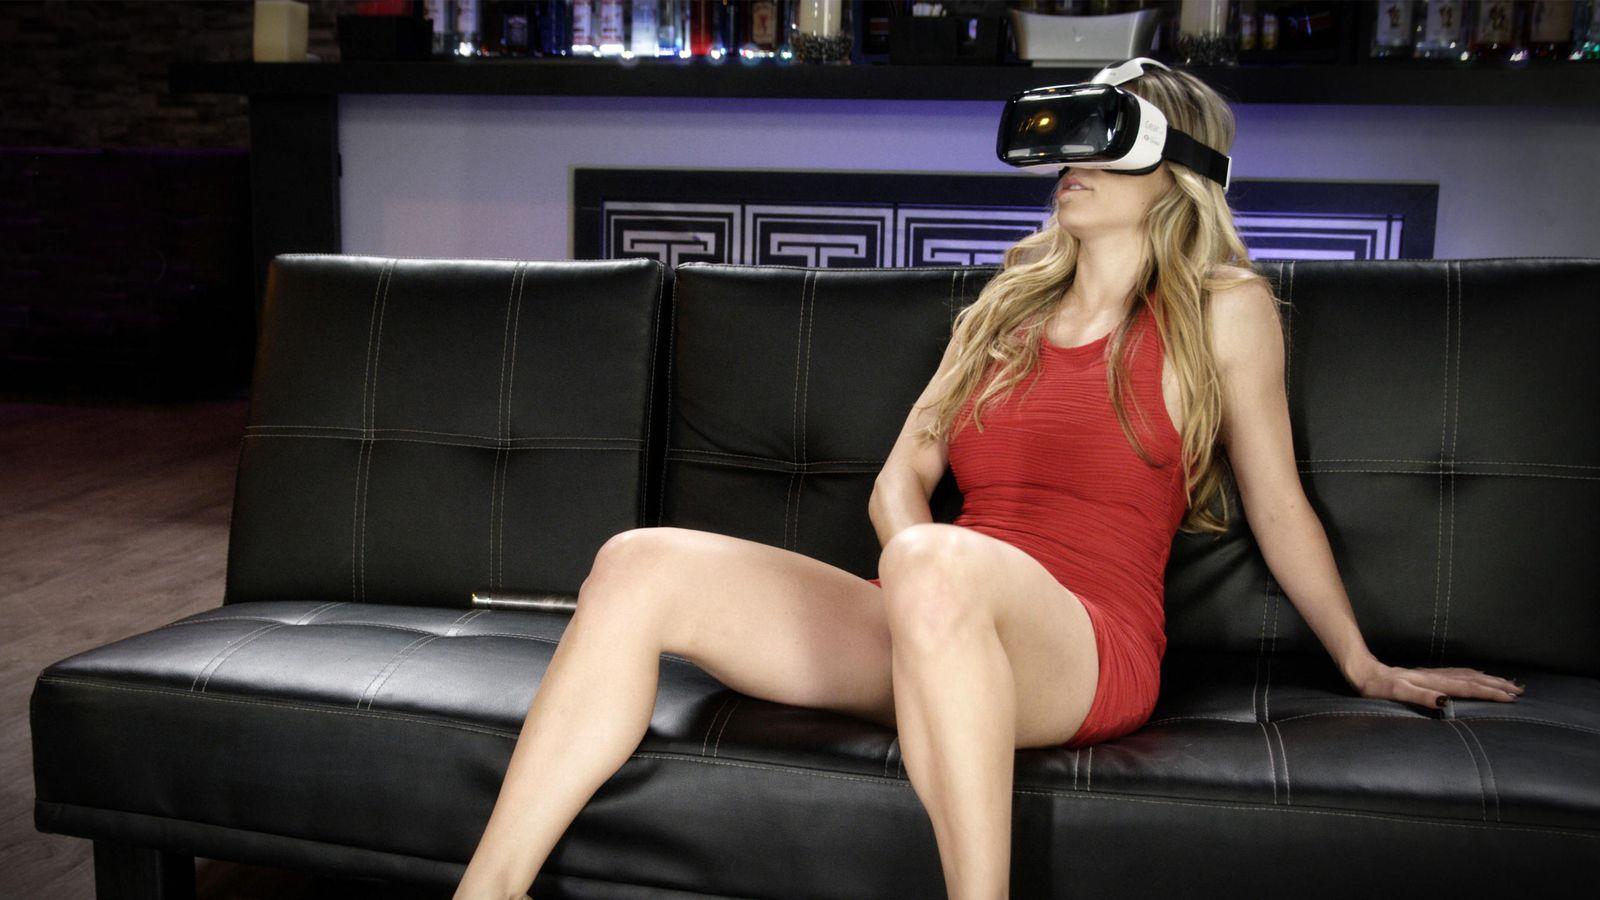 Foto: La industria del porno se prepara para el 'boom' de la realidad virtual